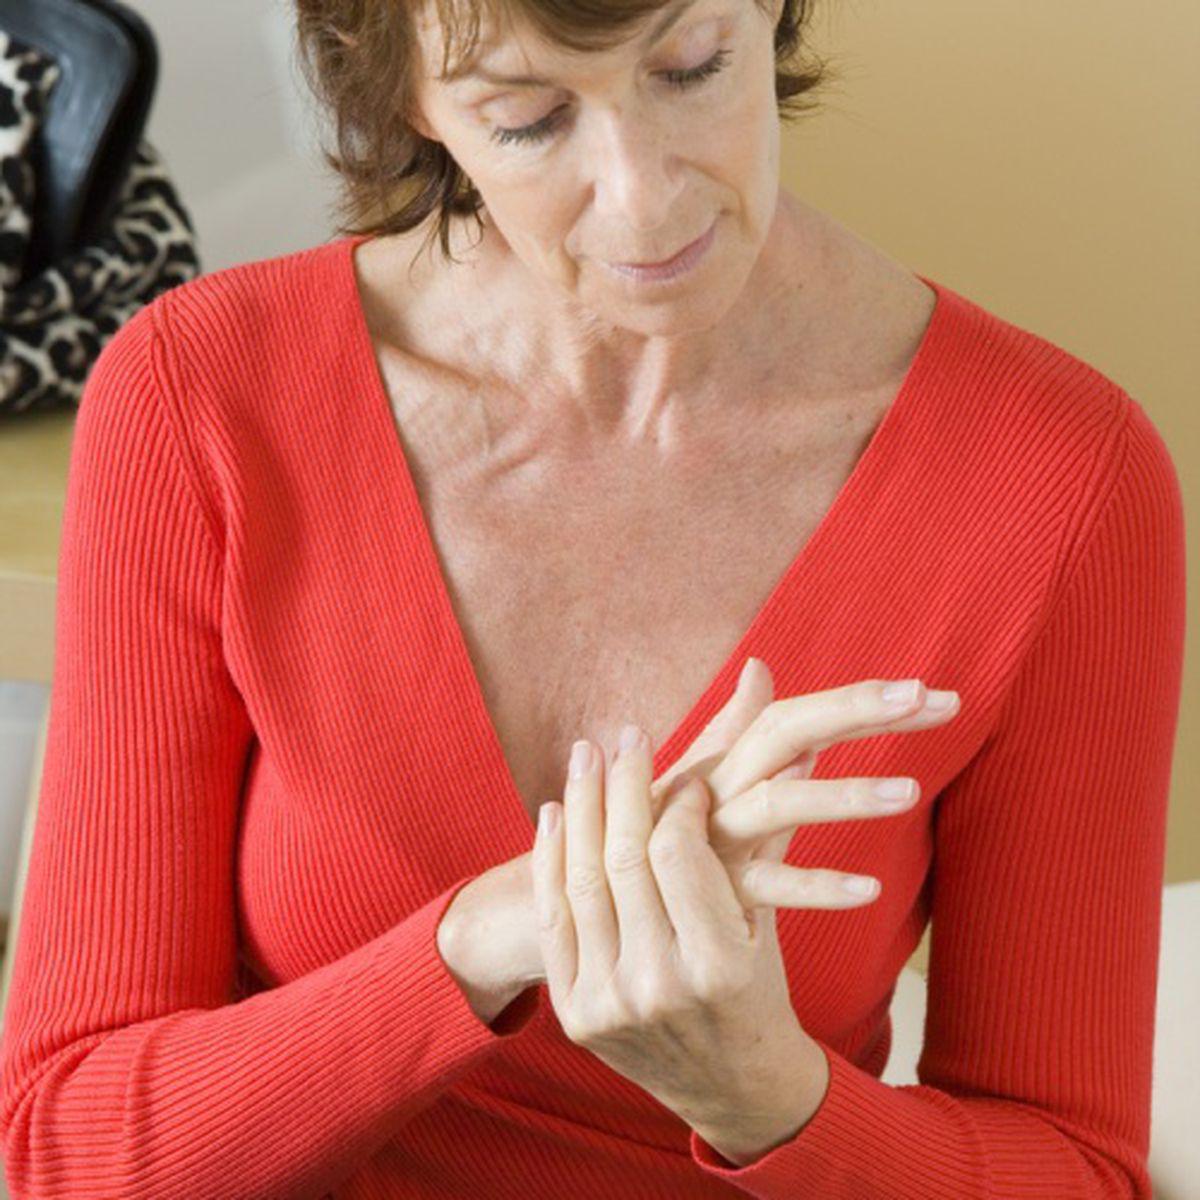 tratament git pentru recenzii ale tratamentului cu artroză doare să umble durerea în articulația șoldului